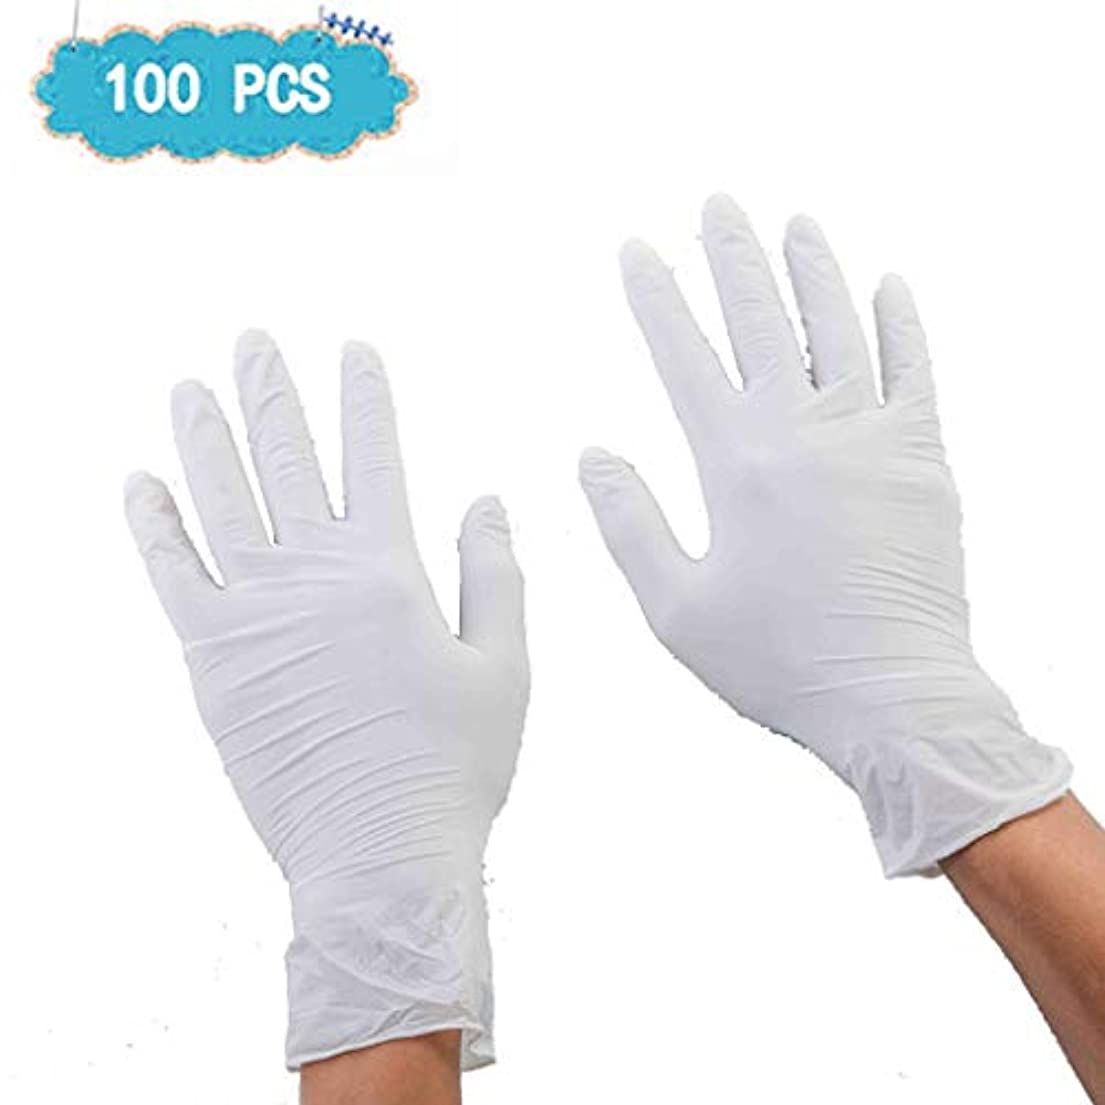 メディック強化禁止するニトリル手袋、12インチ厚ゴム手袋白い手袋食品加工医療ペットケアネイルアート検査保護実験、美容サロンラテックスフリー、、 100個 (Size : L)